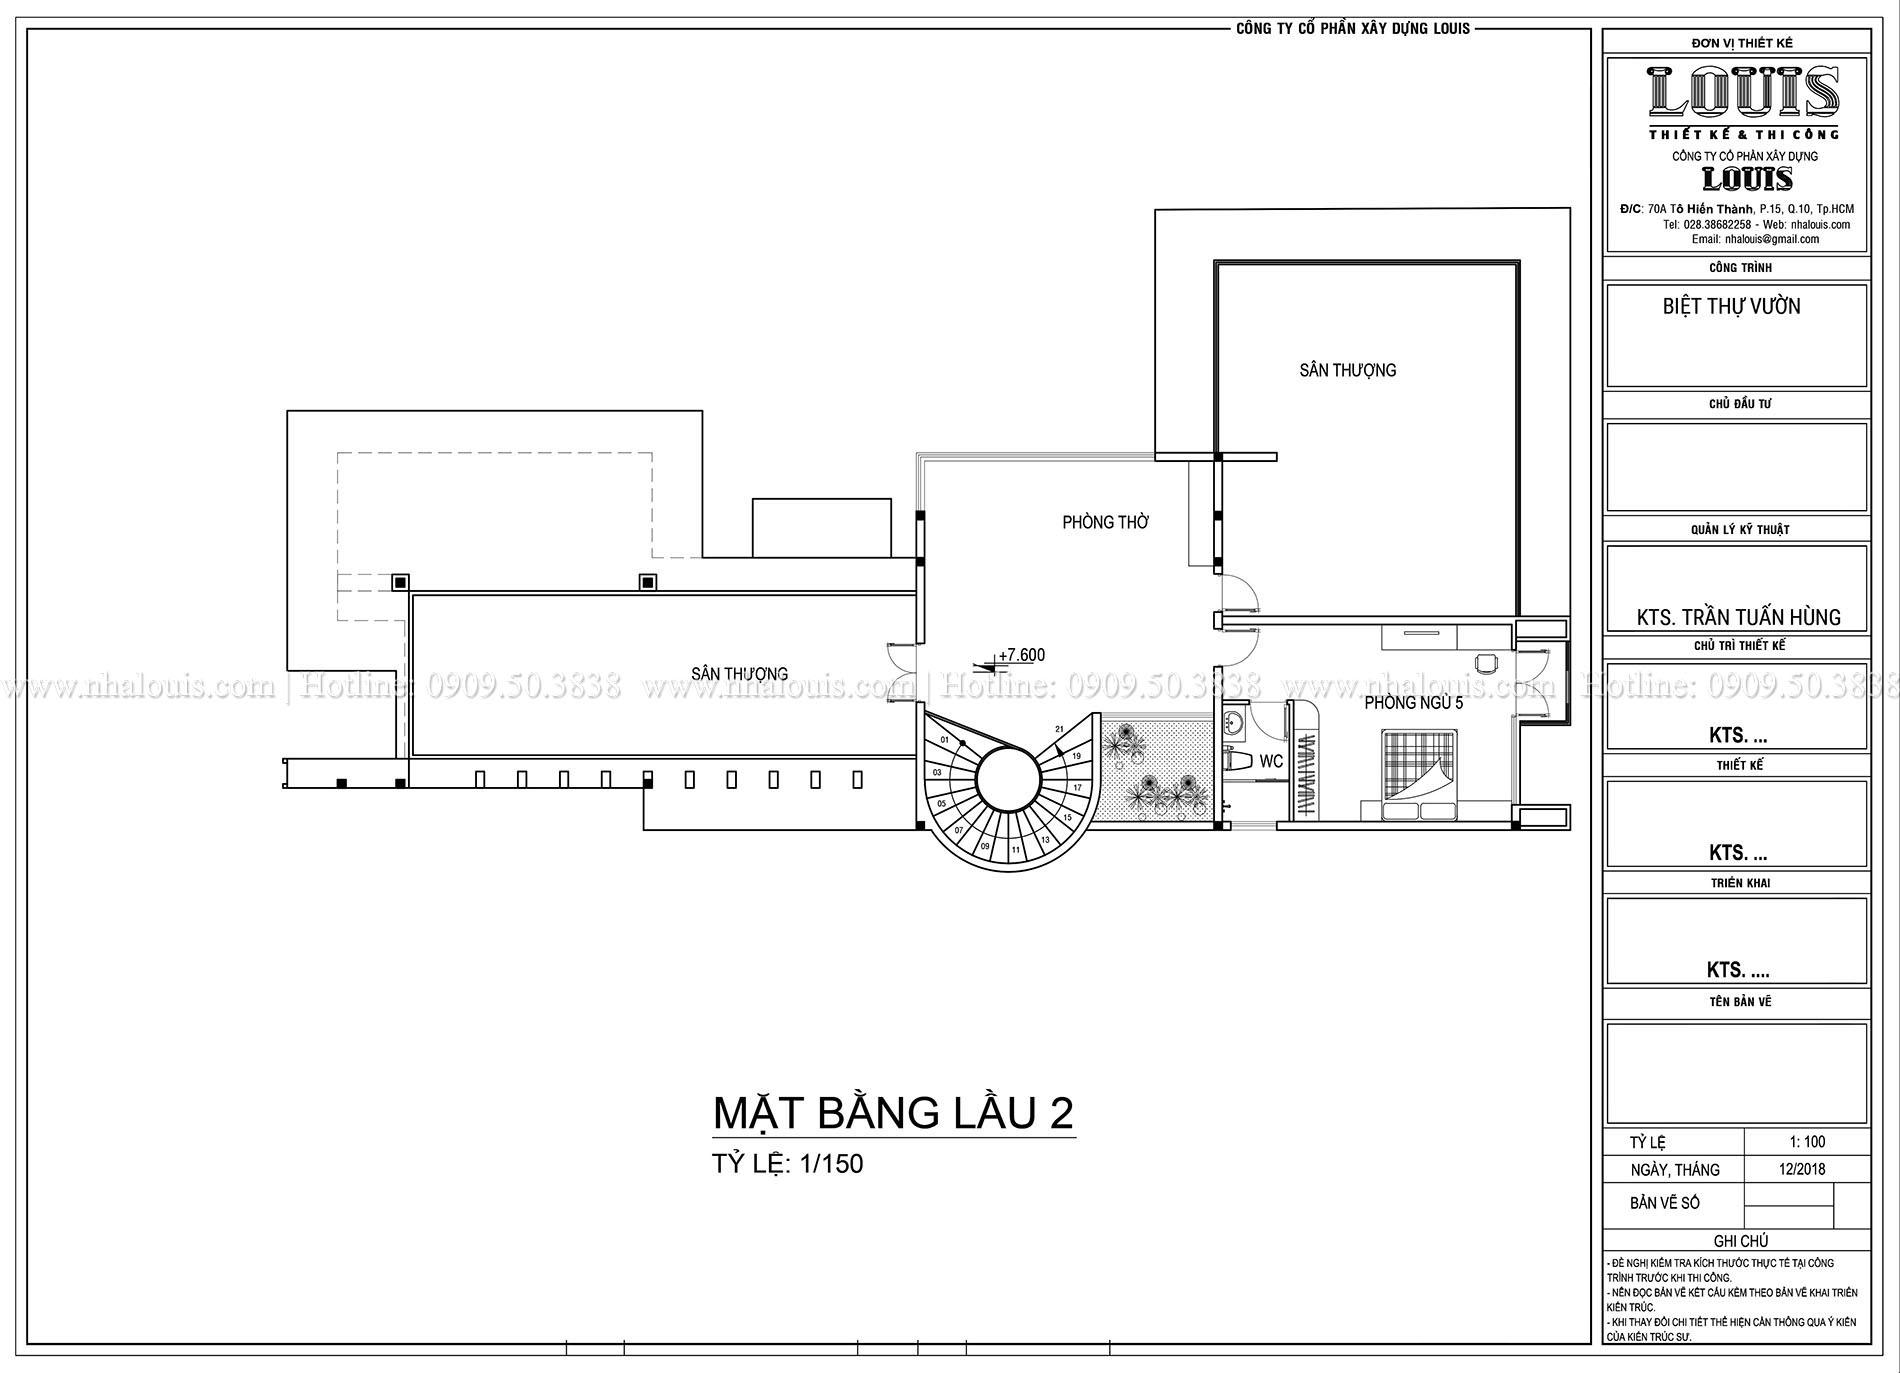 Mặt bằng lầu 2 Mẫu biệt thự 3 tầng hiện đại với không gian mở ở quận 12 - 057